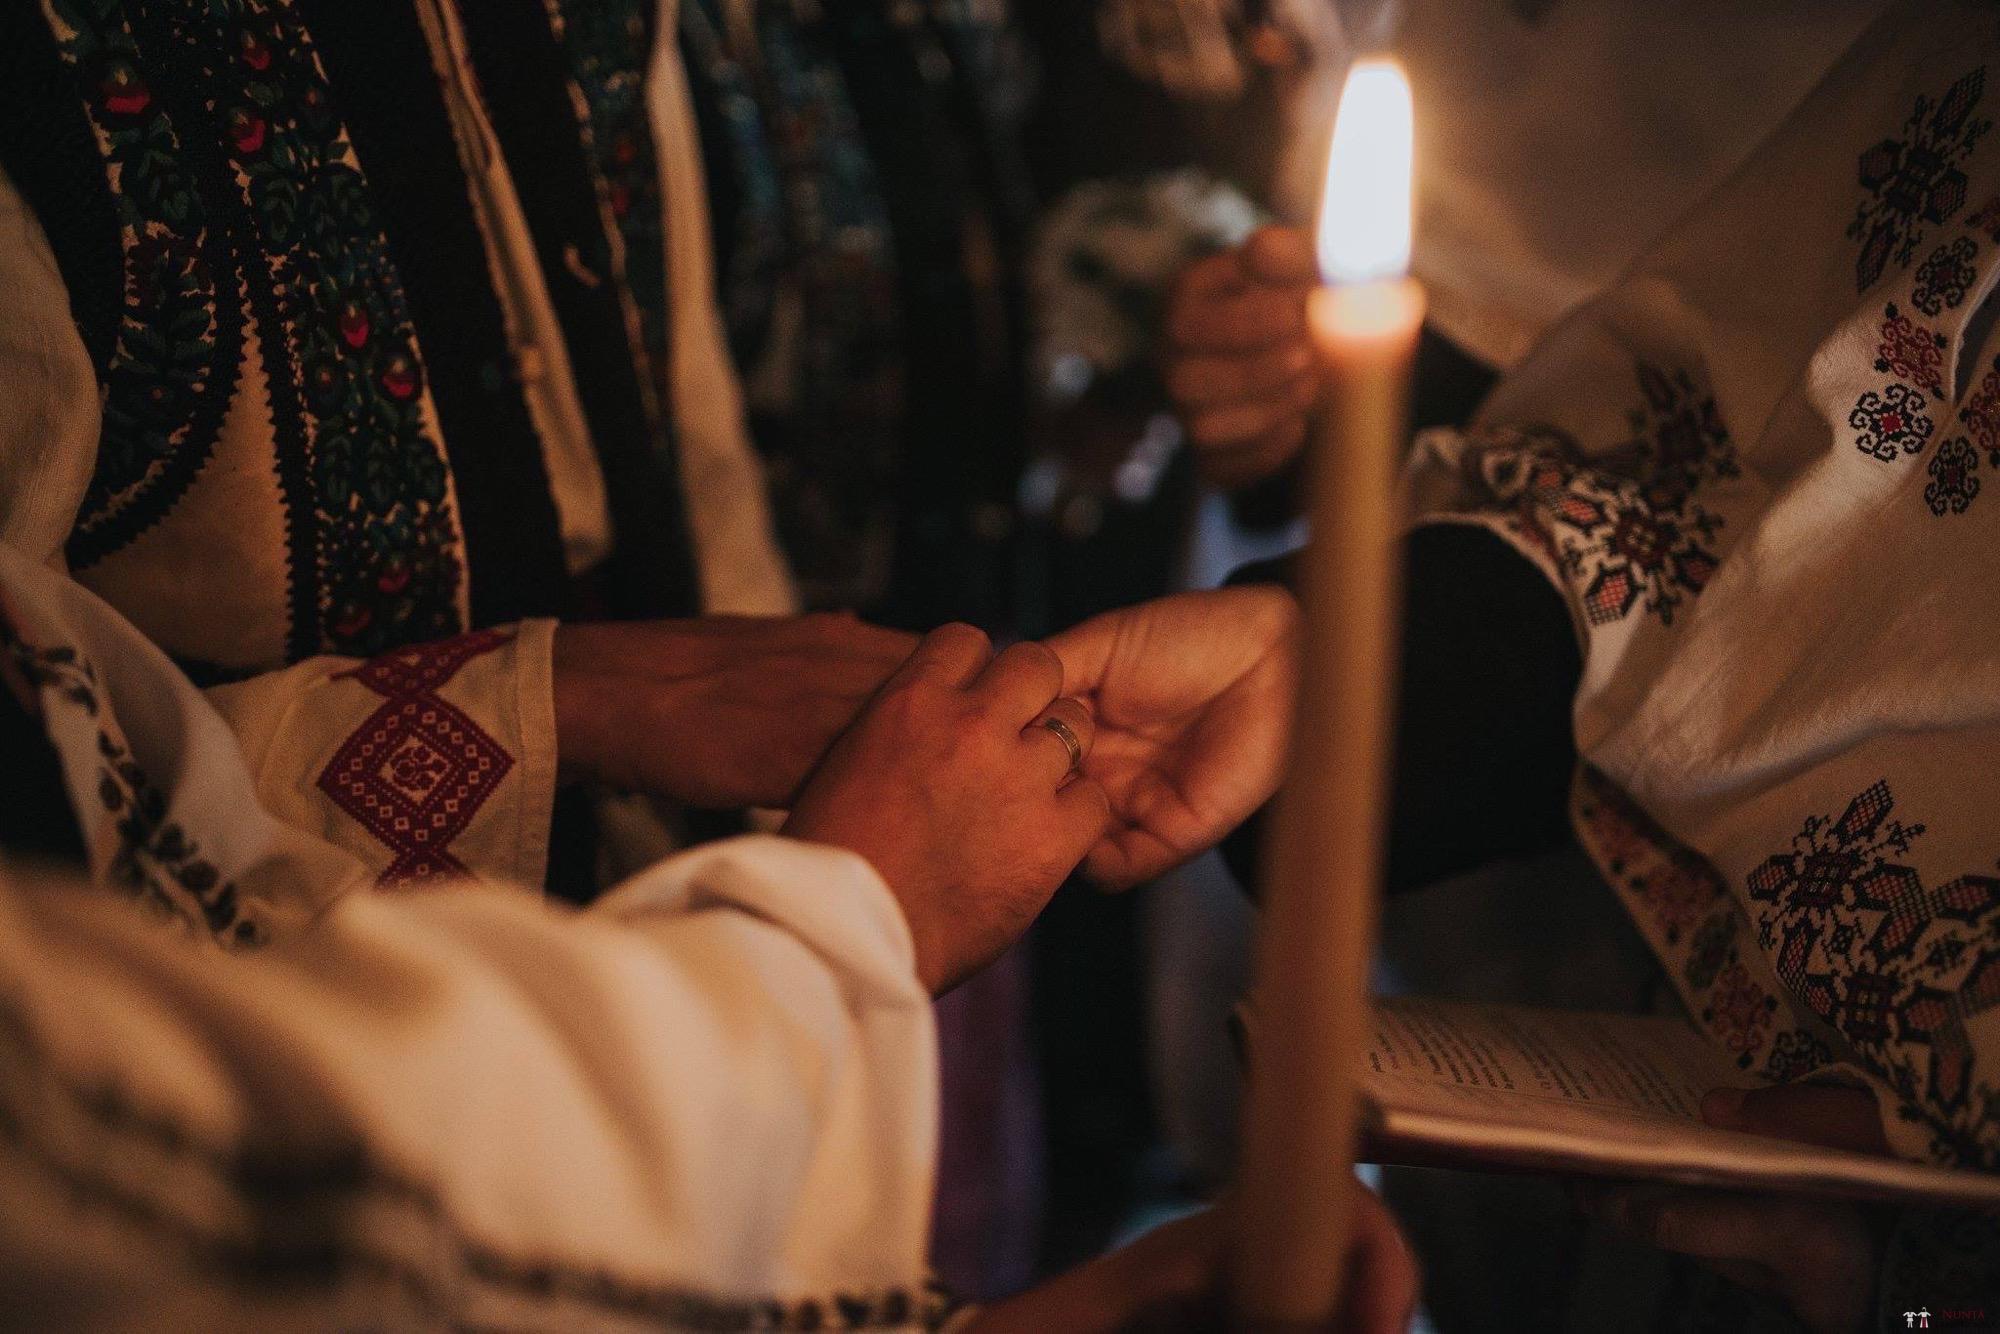 Povești Nunți Tradiționale - Andreea și Sergiu. Nuntă tradițională în Alba-Iulia 9